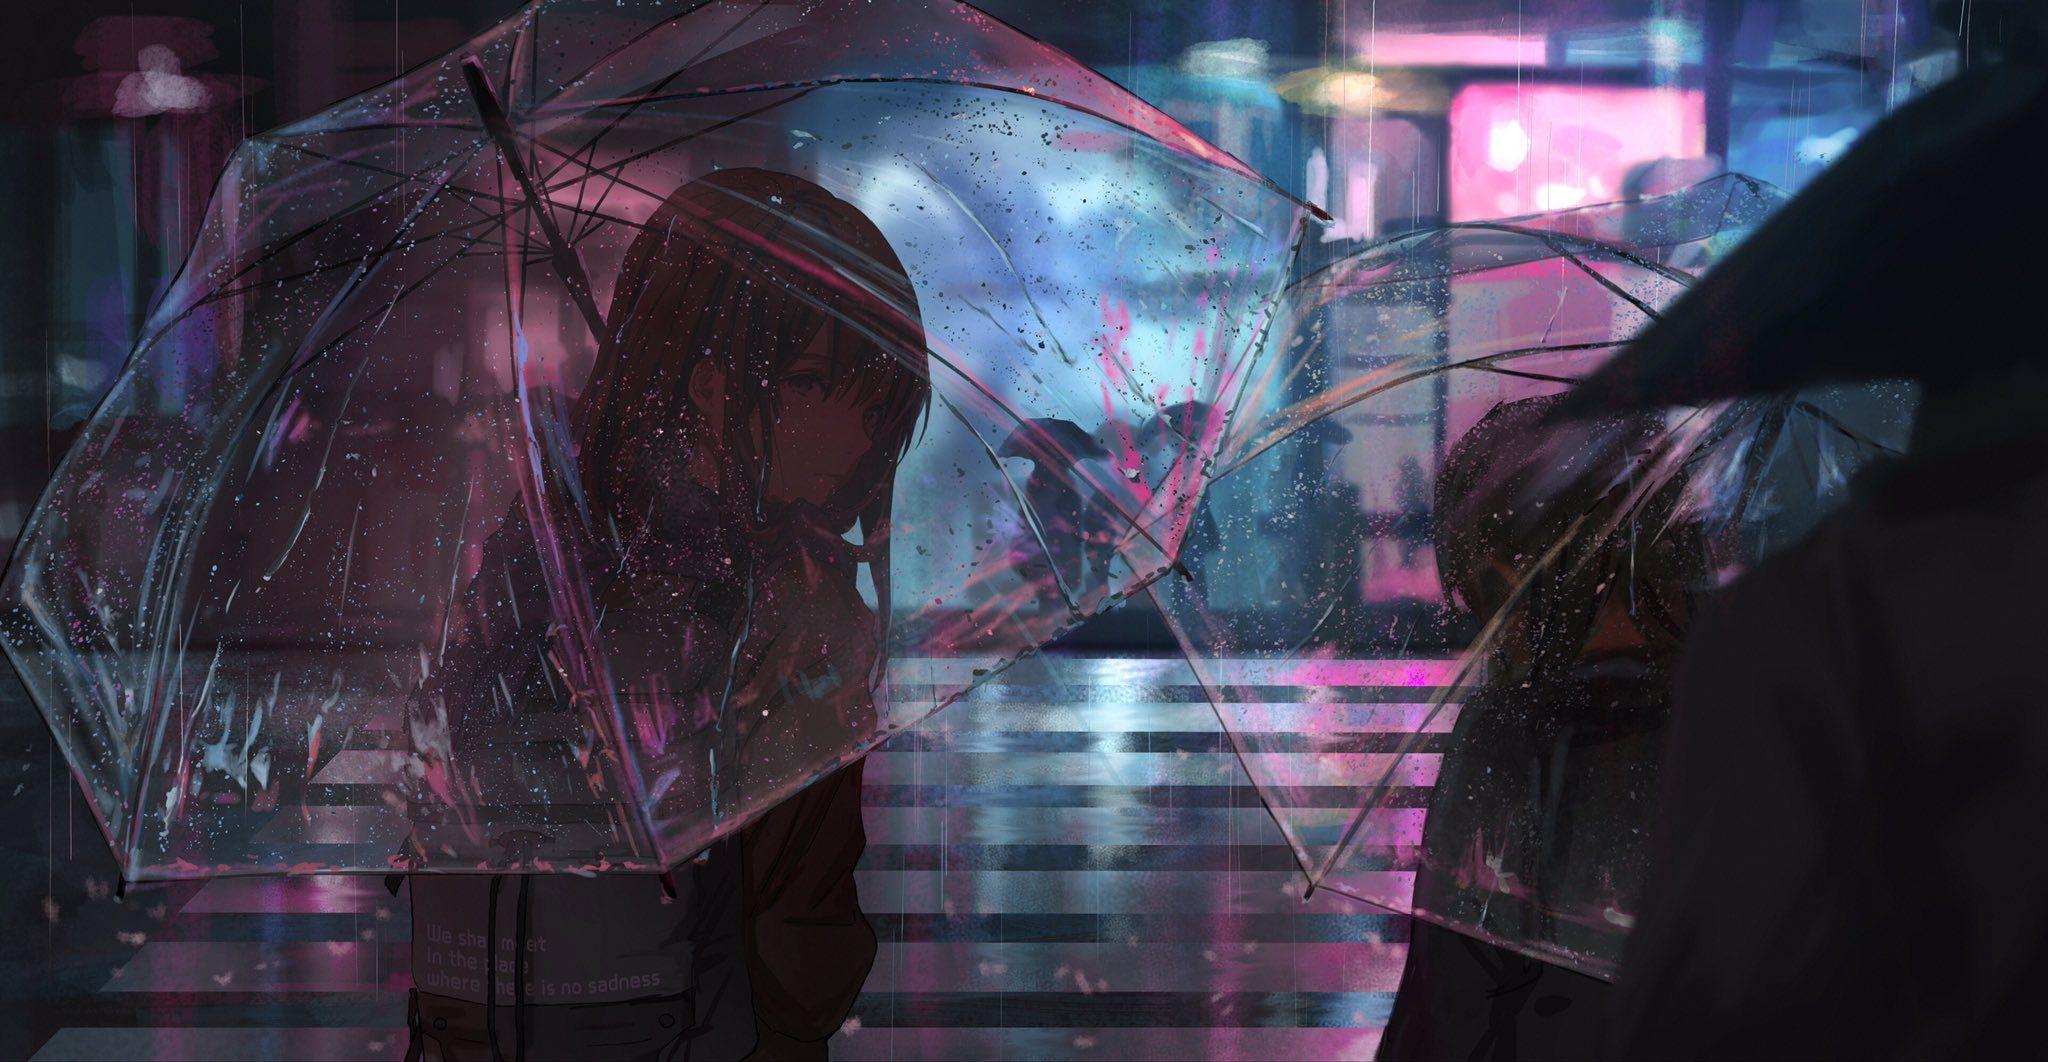 のでcatzz on Anime scenery, Girl in rain, Rain wallpapers